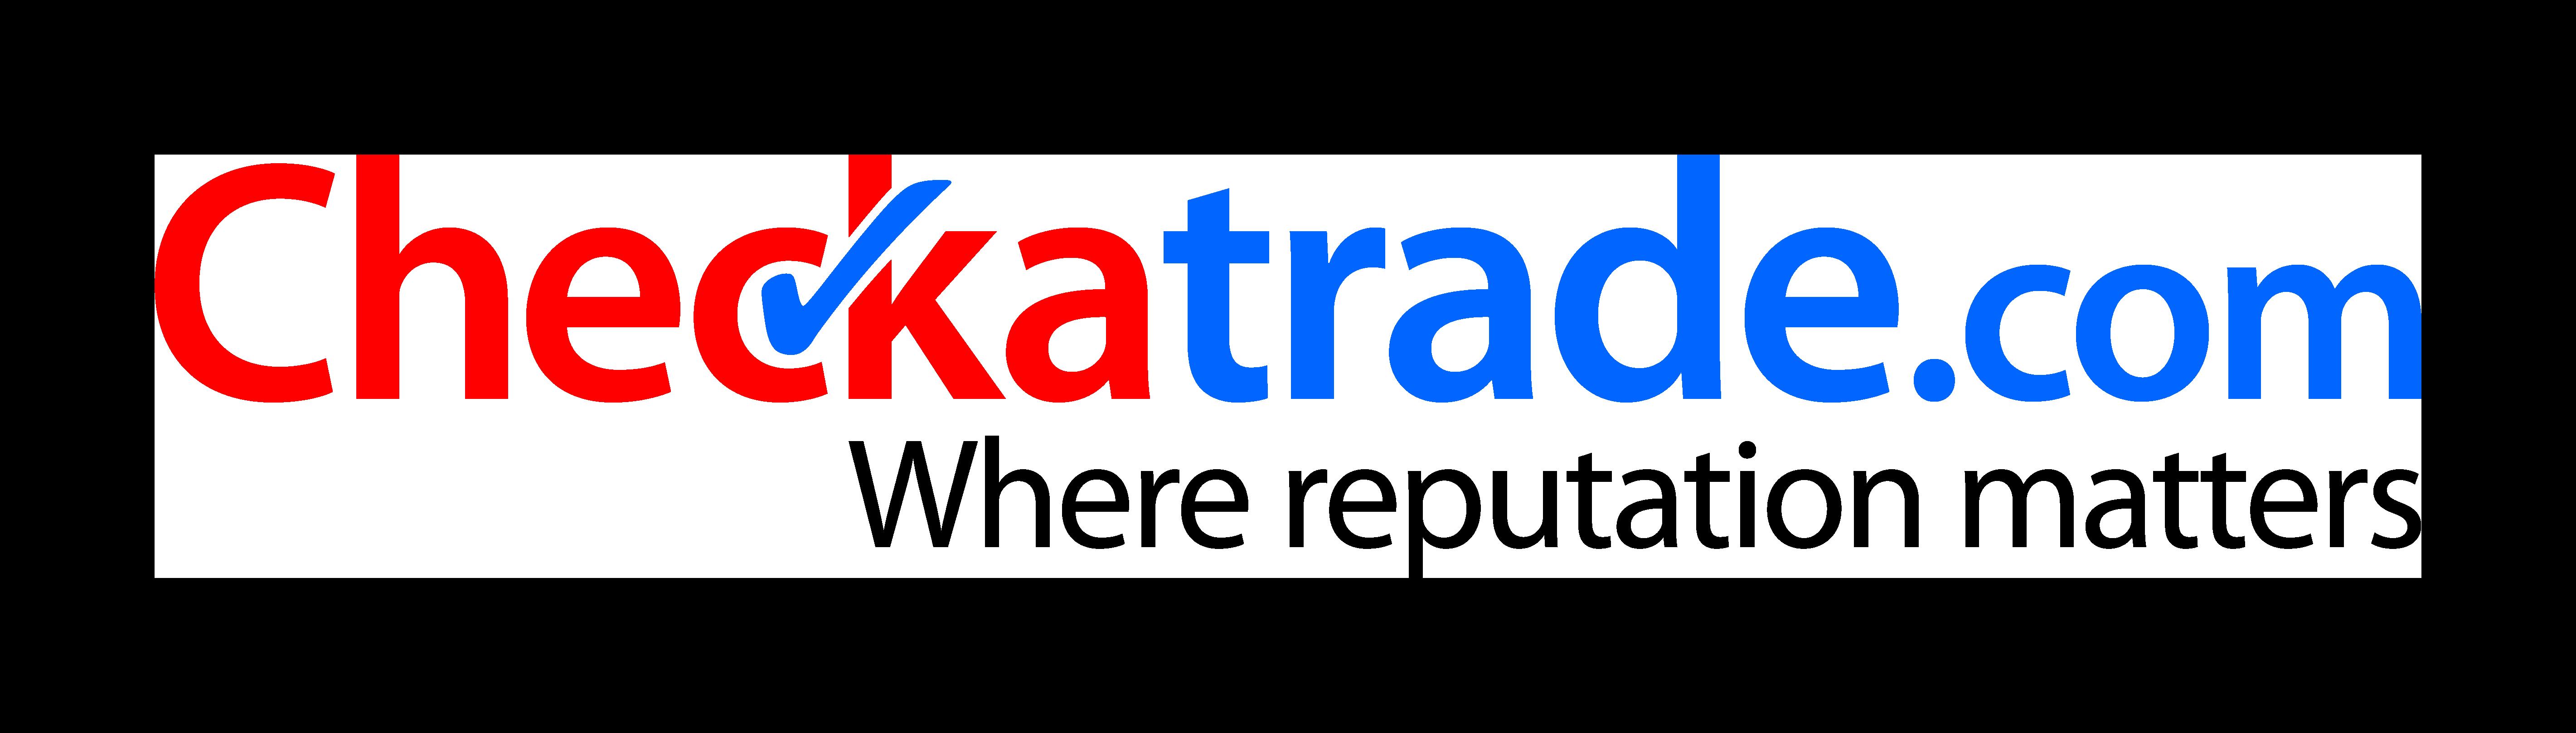 Checkatrade.com